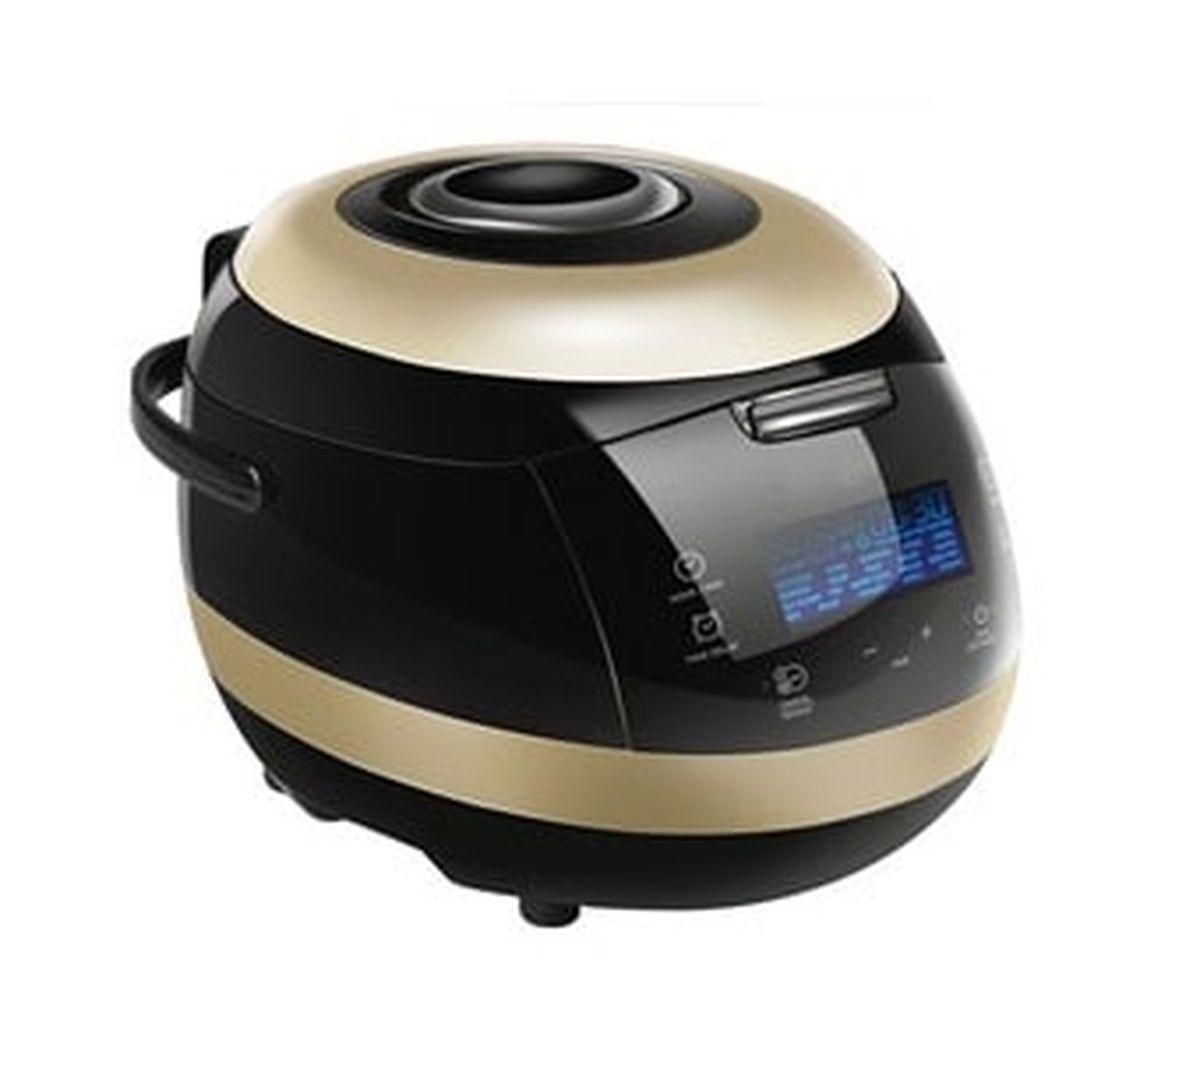 Мультиварка Gemlux GL-MC-865, золотой, серебристый